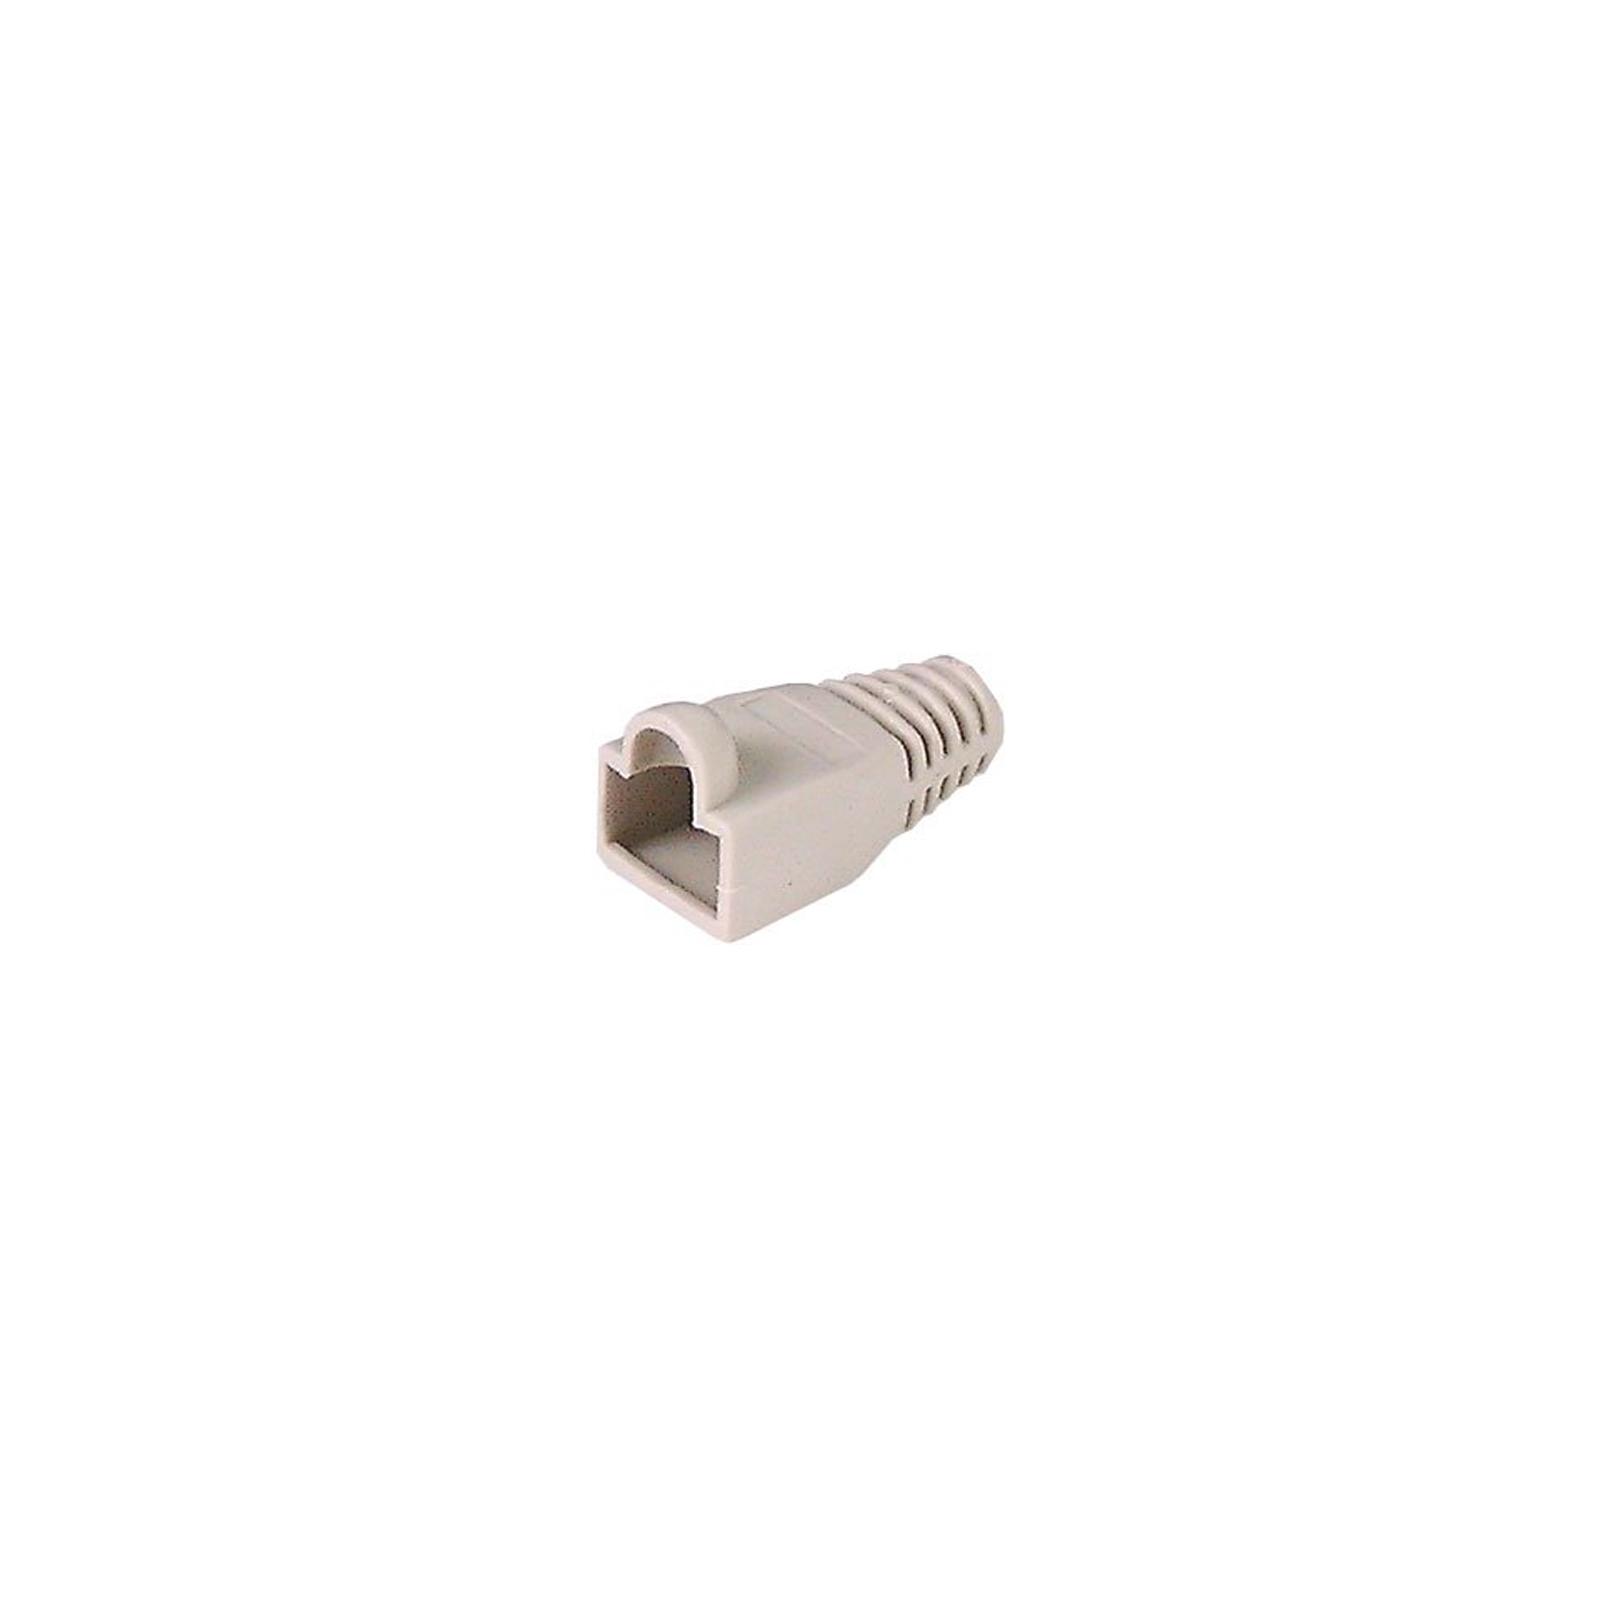 Колпачок коннектора Atcom RJ-45 белый 100шт (10107)